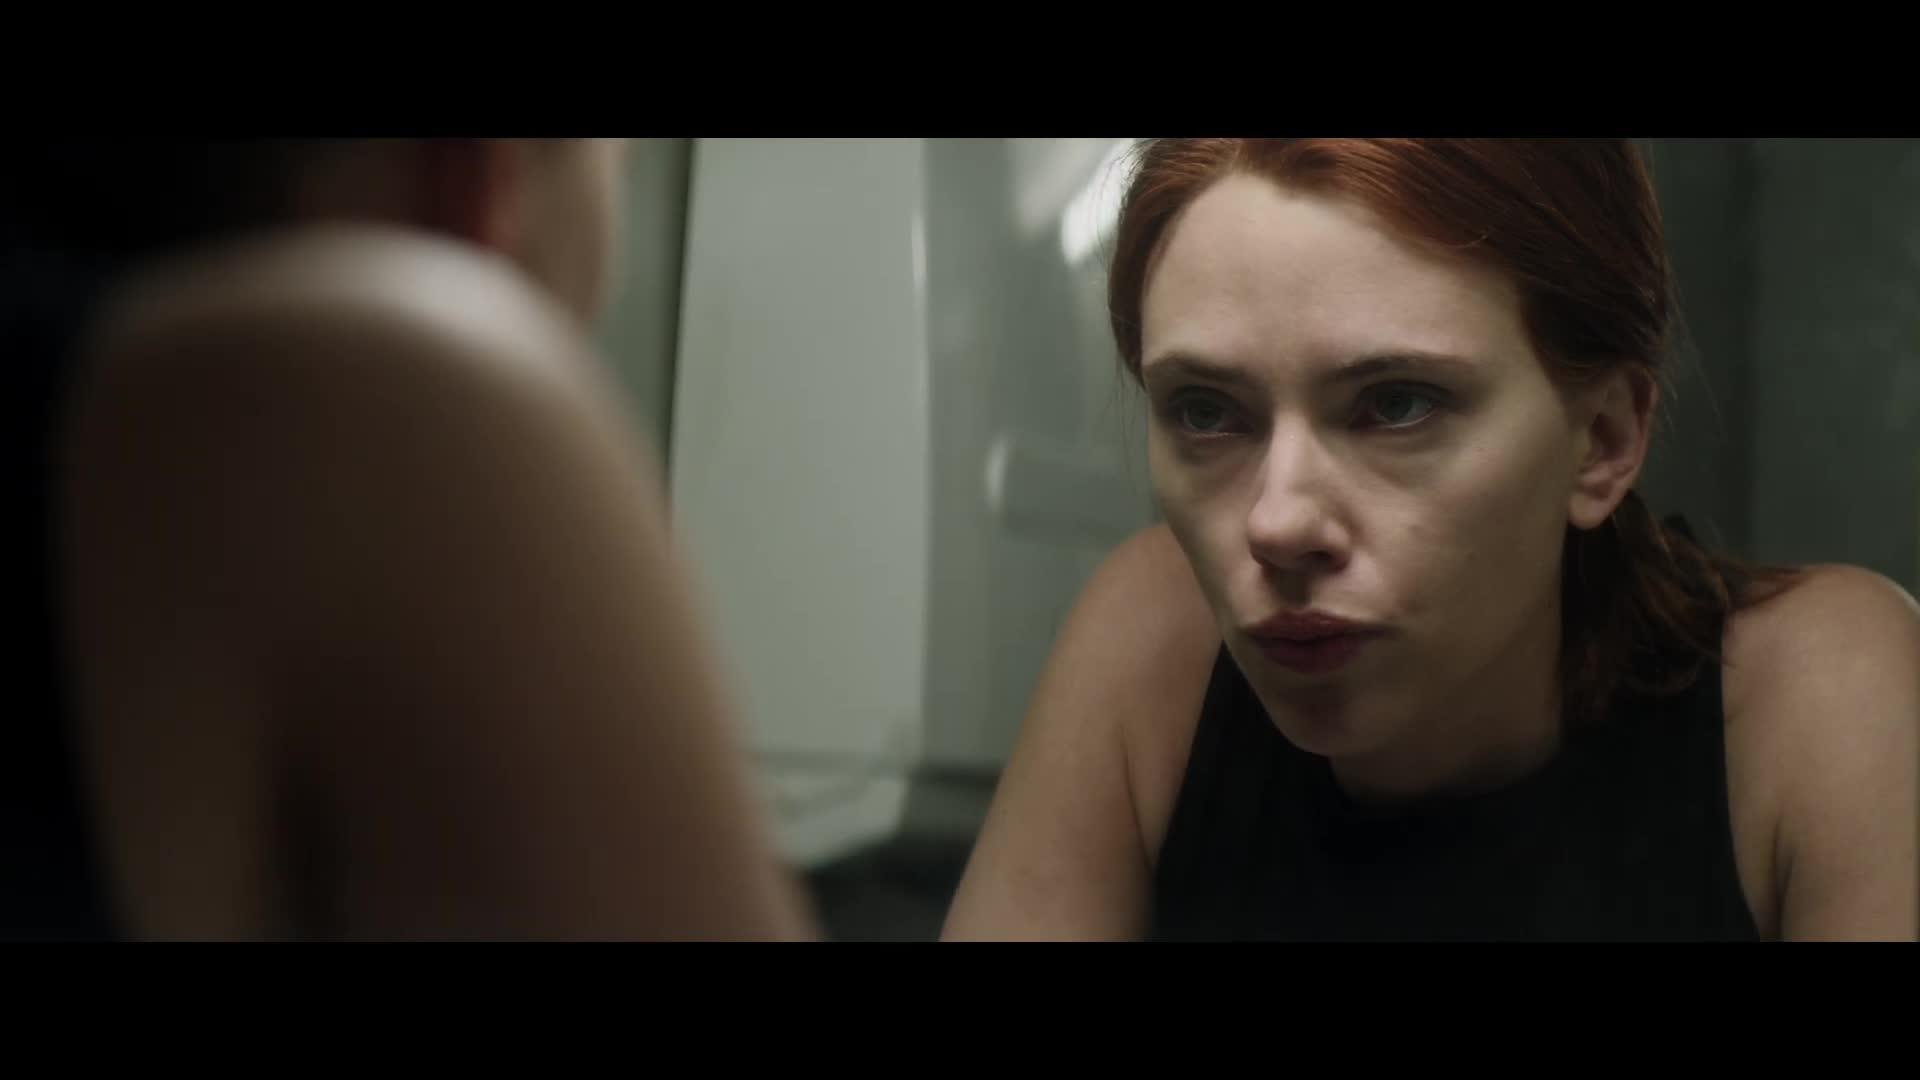 Black Widow - Official Trailer #1 [HD] screen capture